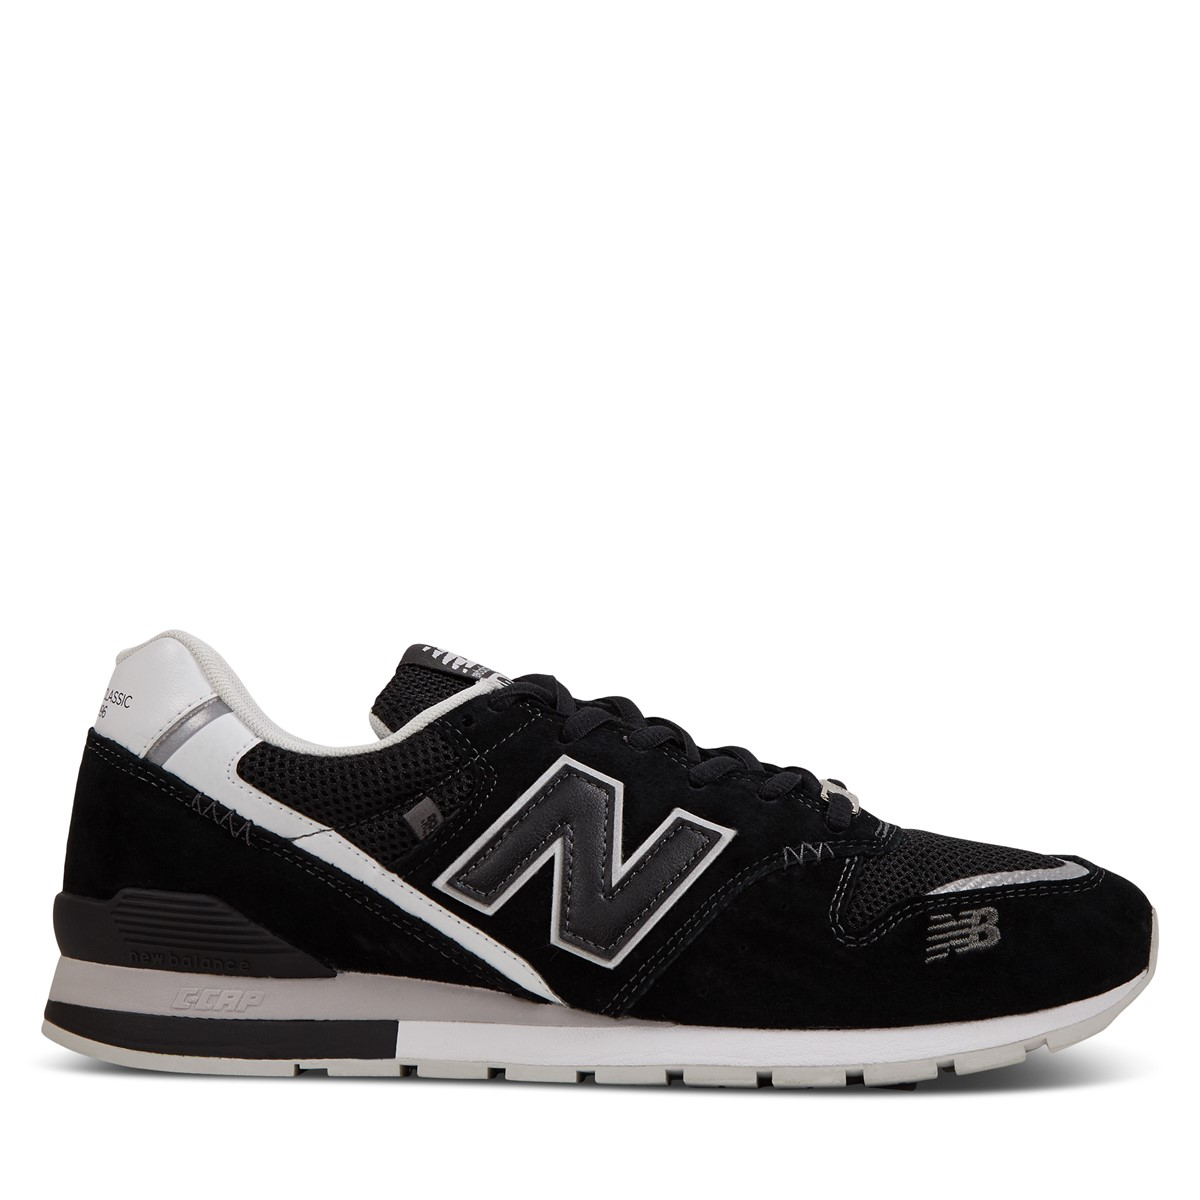 Men's 996 Sneakers in Black/White